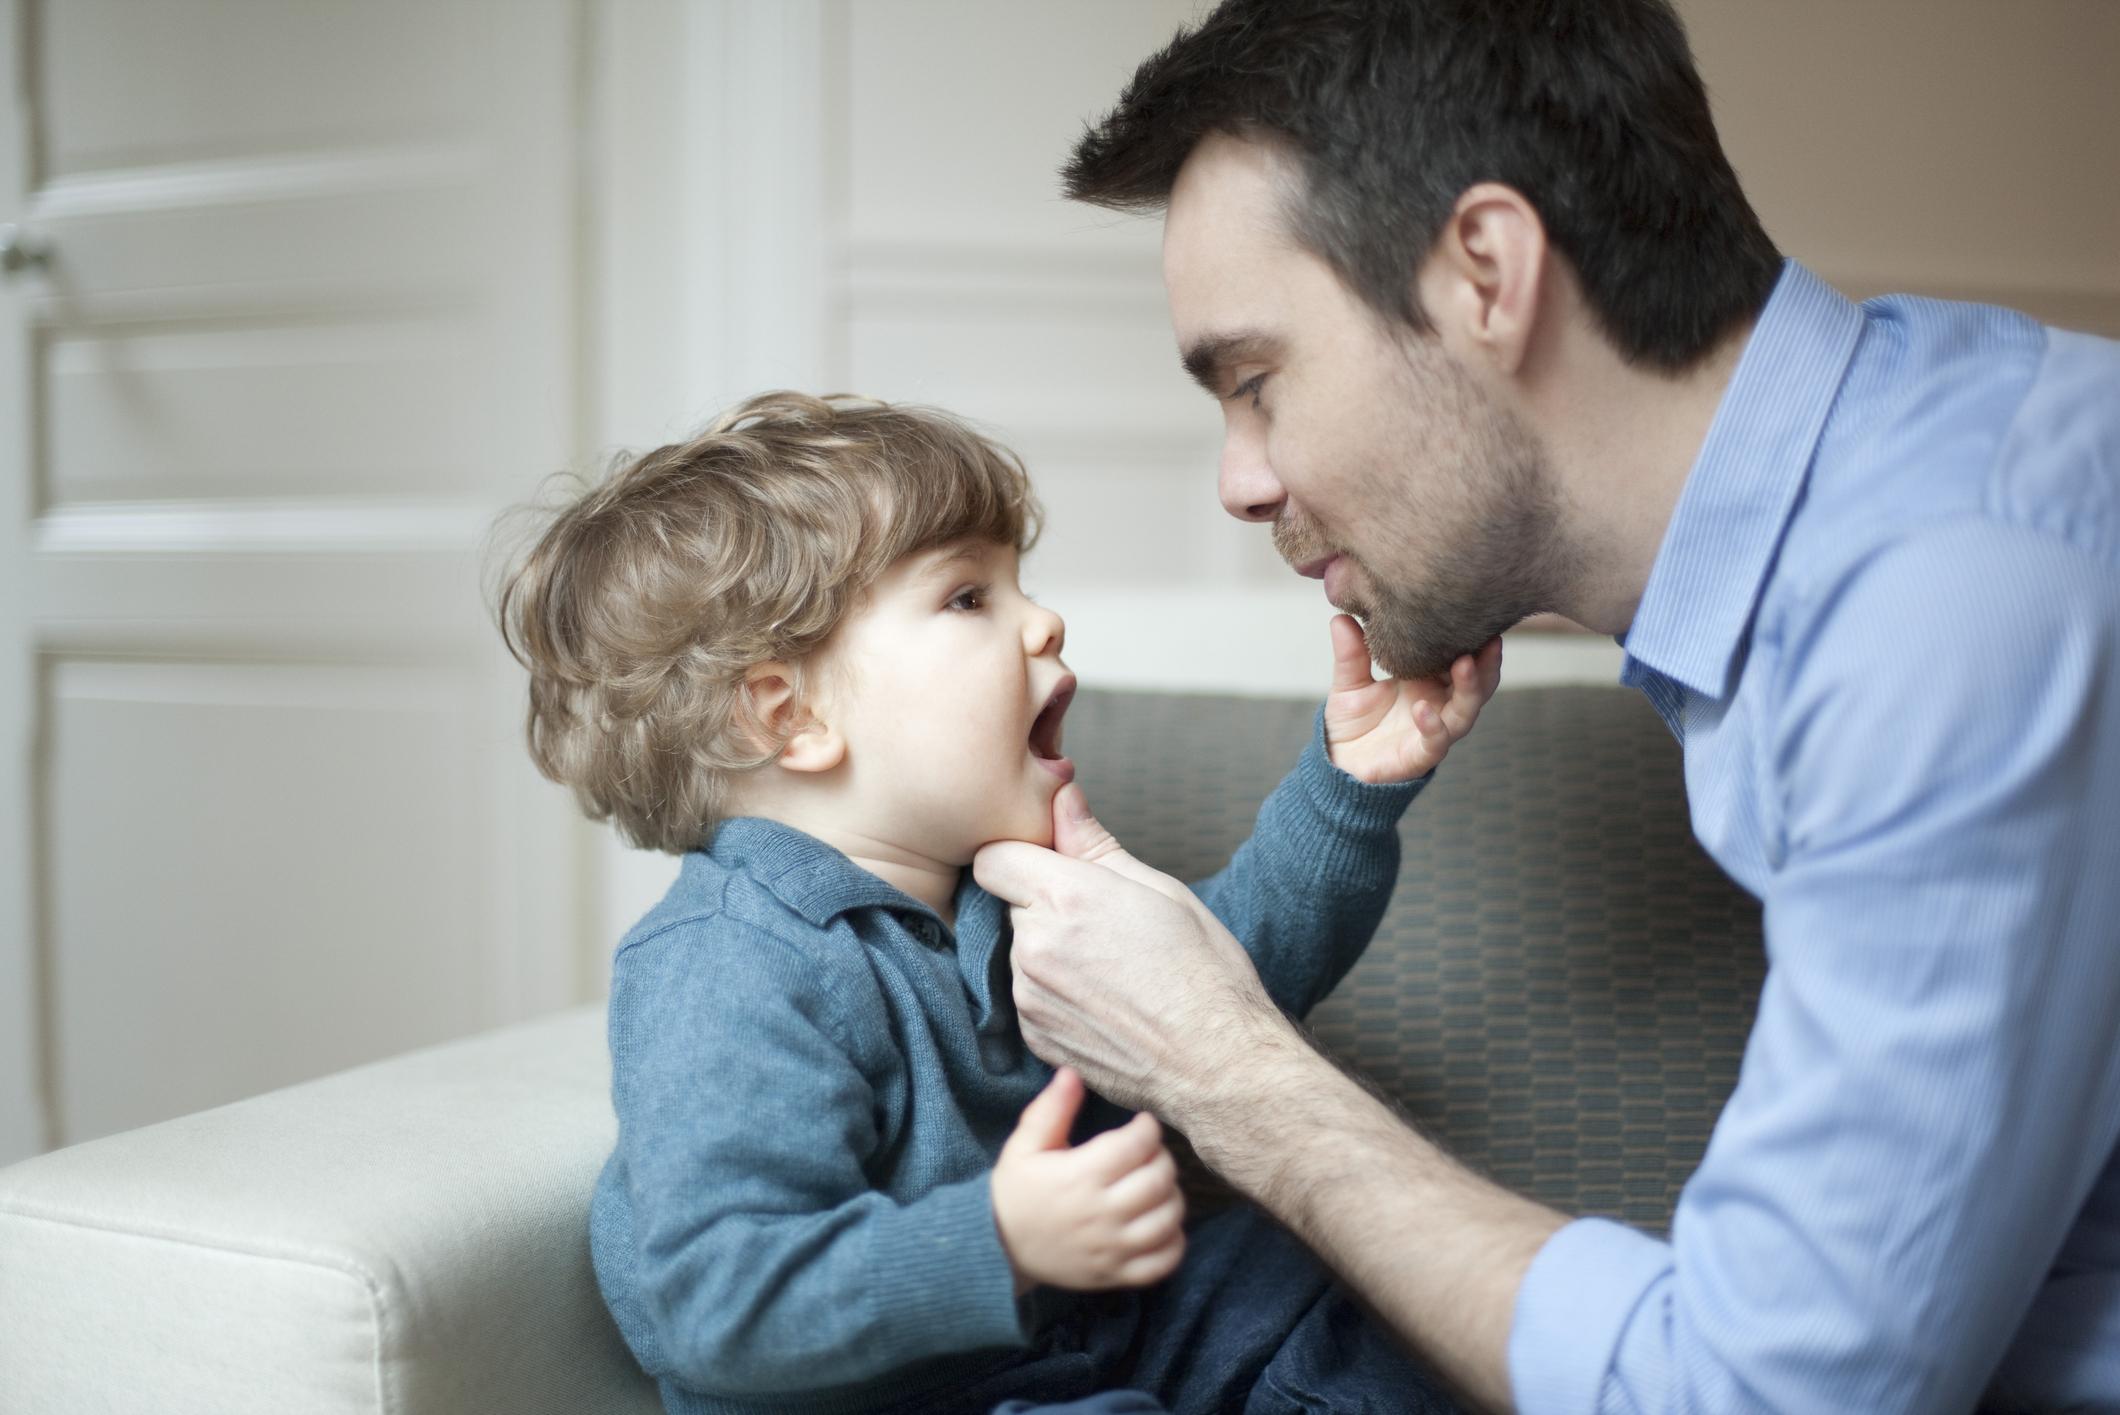 Everything Makes Children Autistic >> Parents Traits Predict Autism Features In Children Spectrum